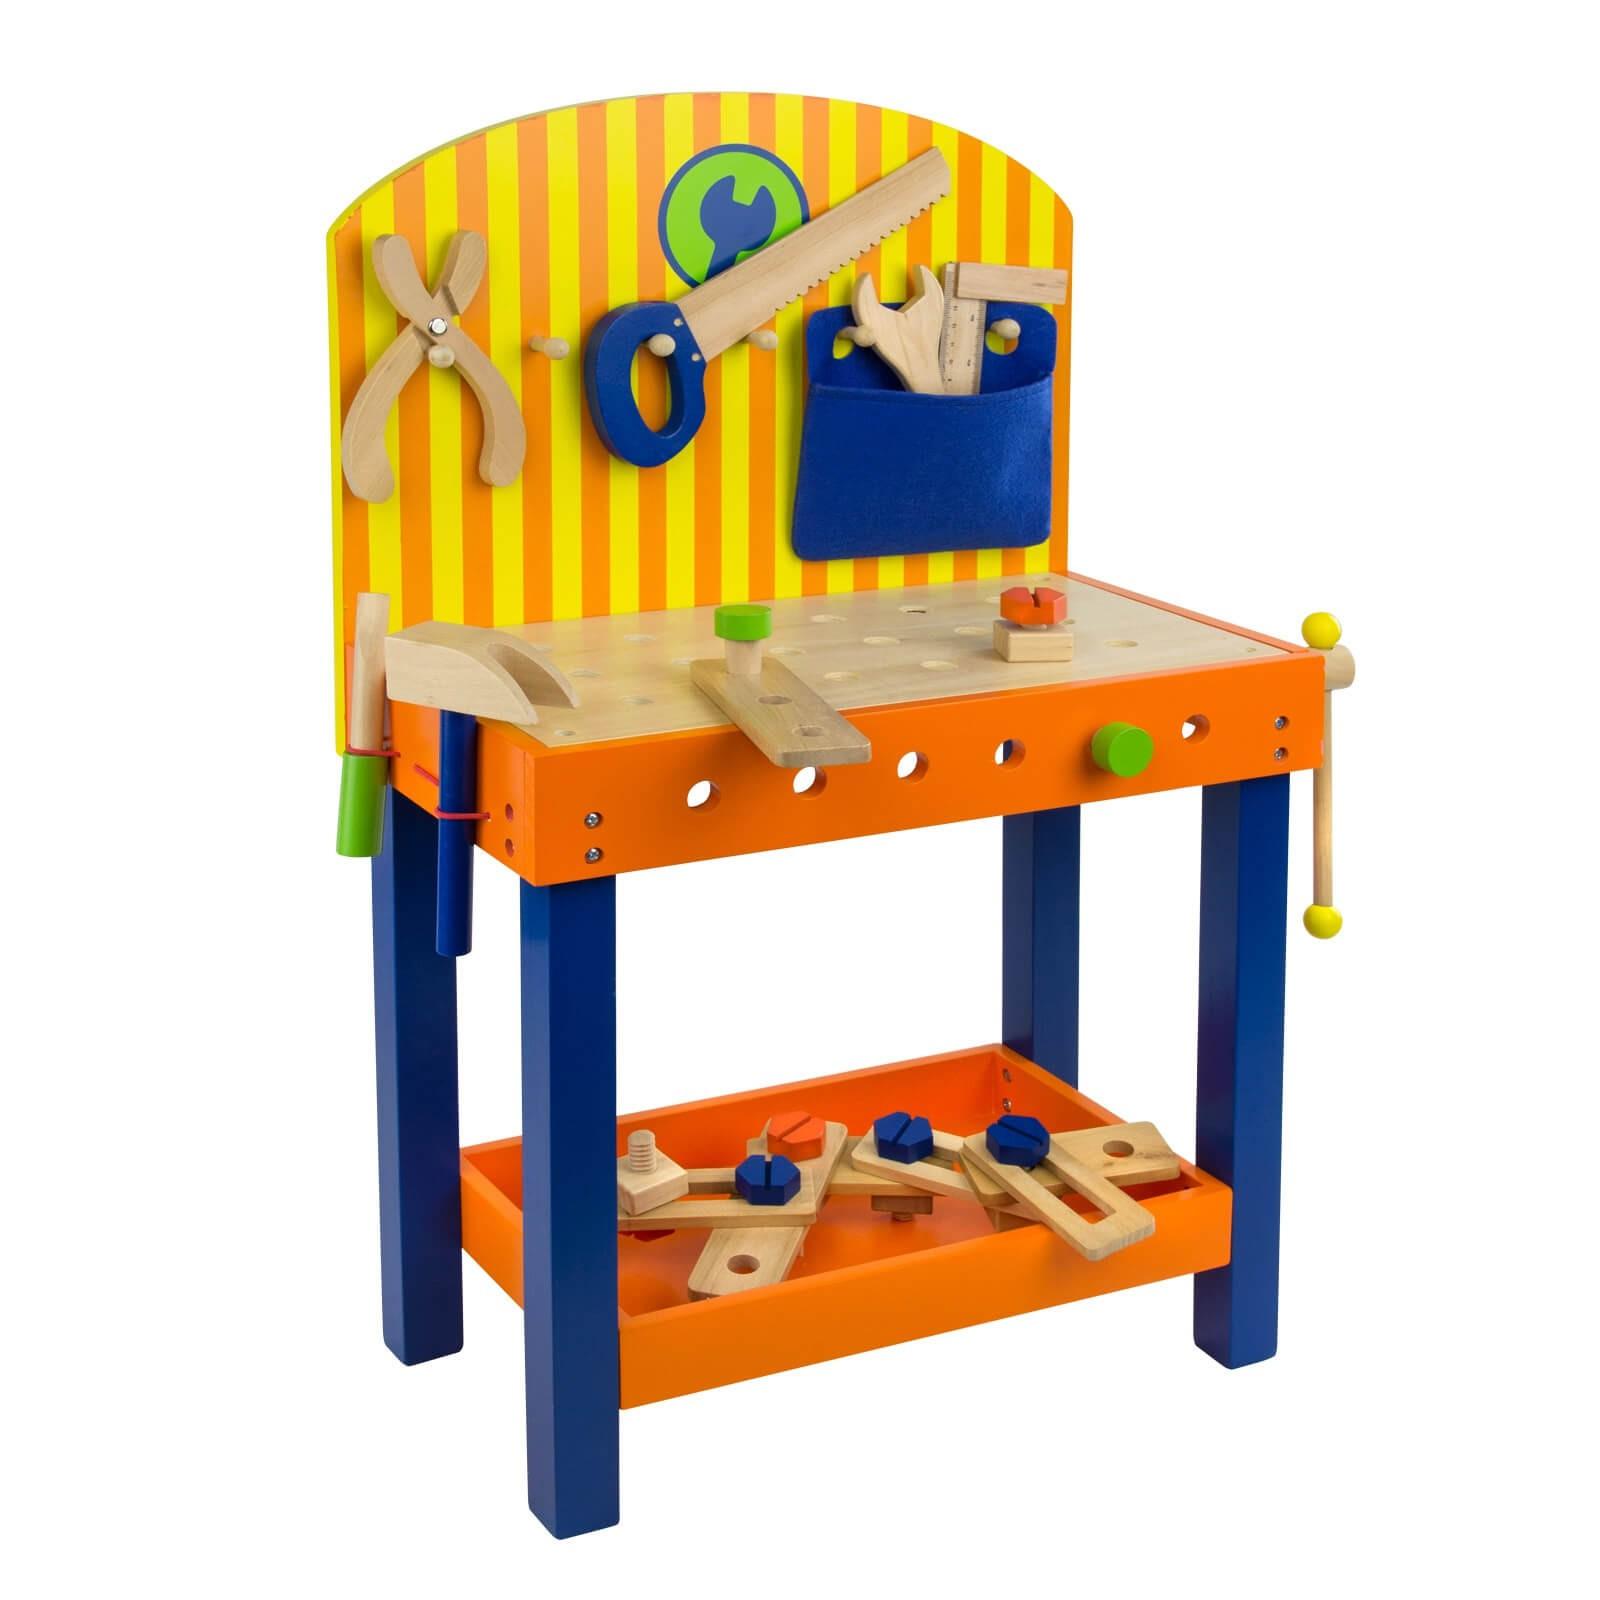 Dema Kinderwerkbank Benji Kinder Holz Werkbank mit Werkzeug Spielzeug Spielwaren 12301